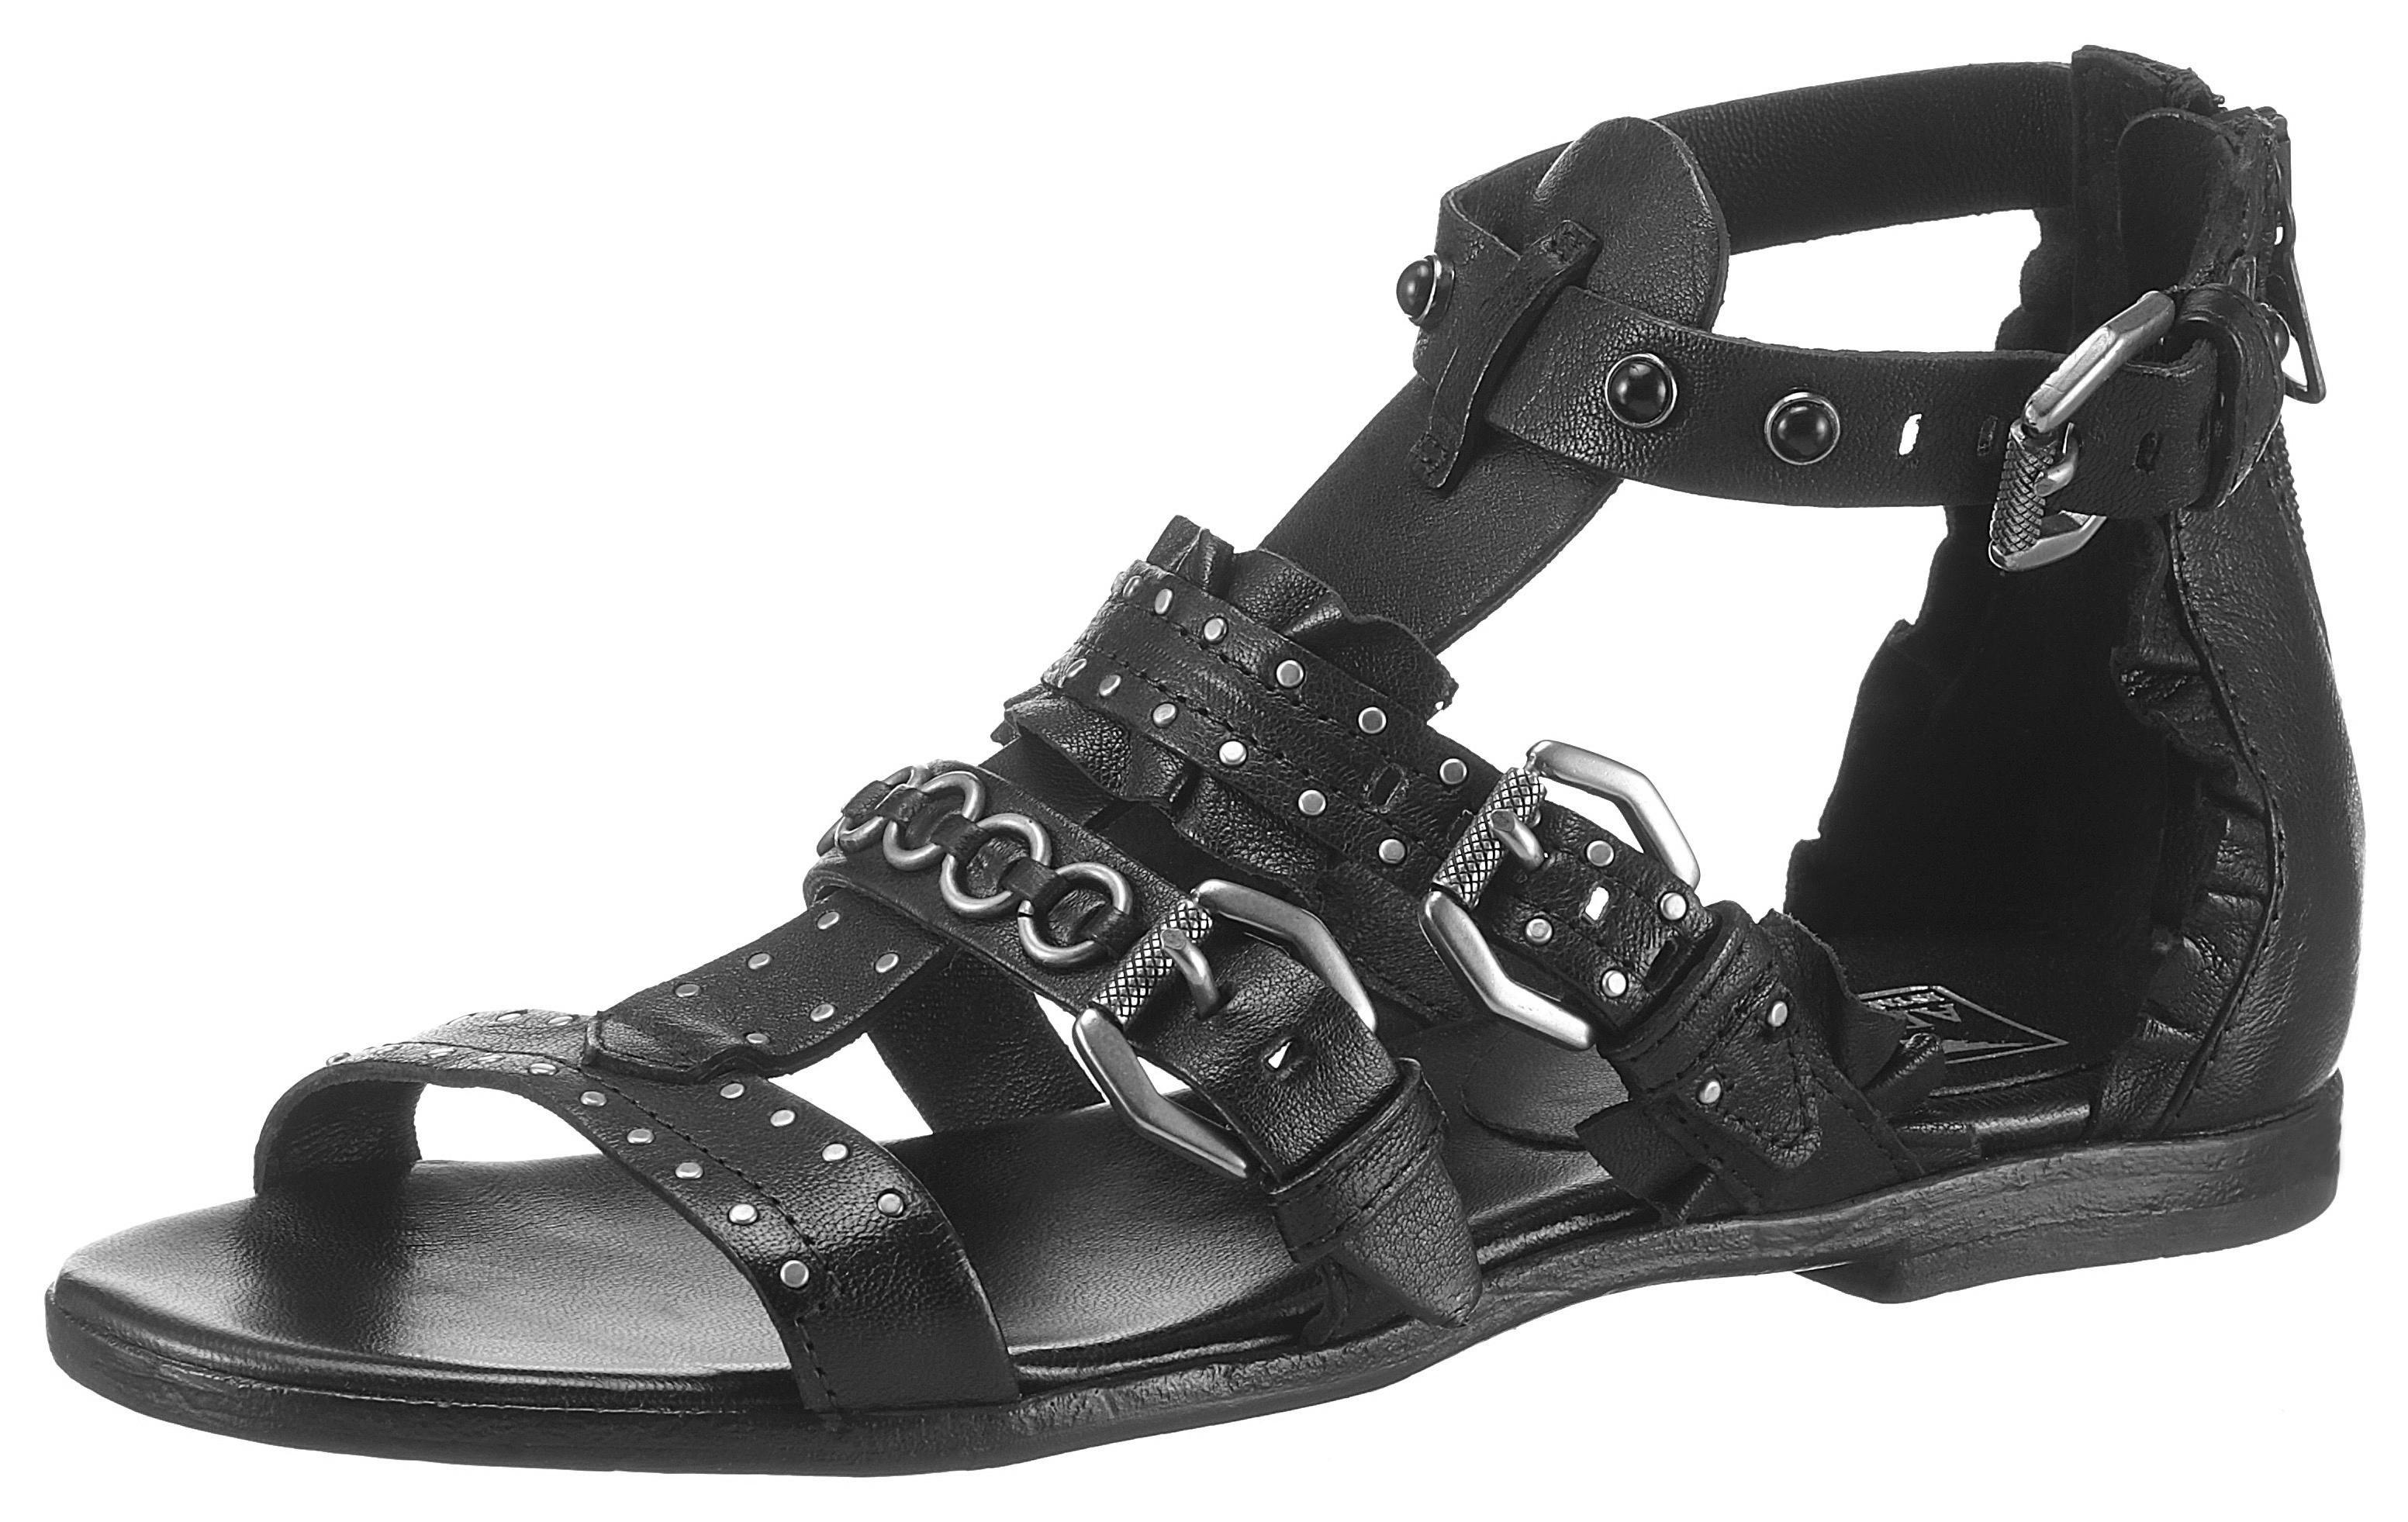 ARIZONA romeinse sandalen bestellen: 14 dagen bedenktijd